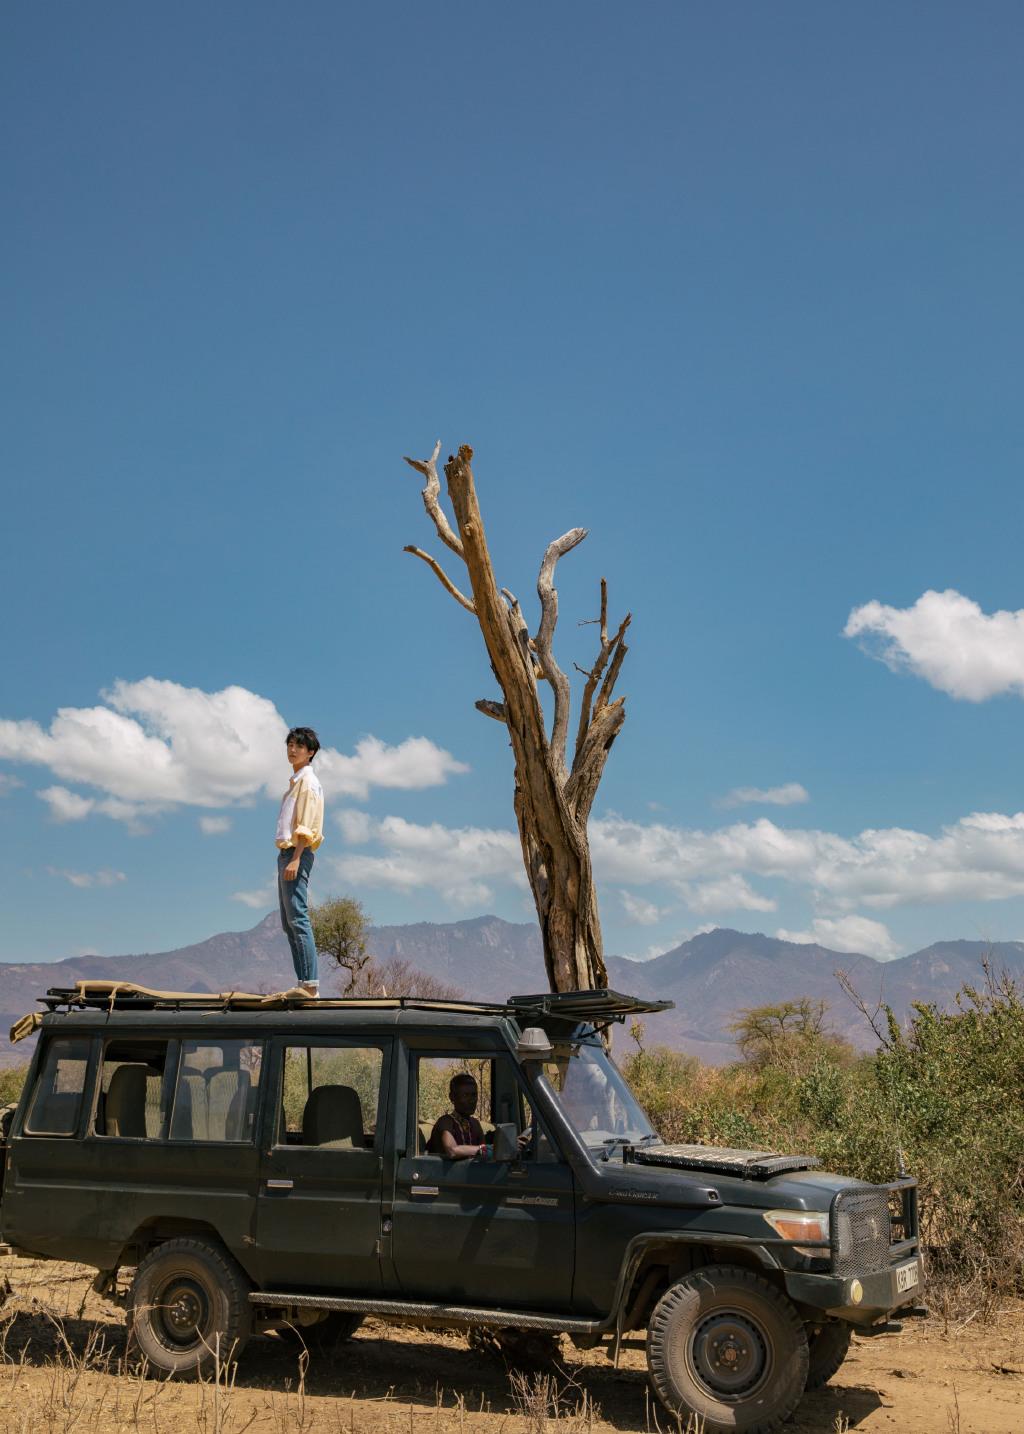 王俊凯非洲行帅照曝光,站越野车顶拿望远镜看风景